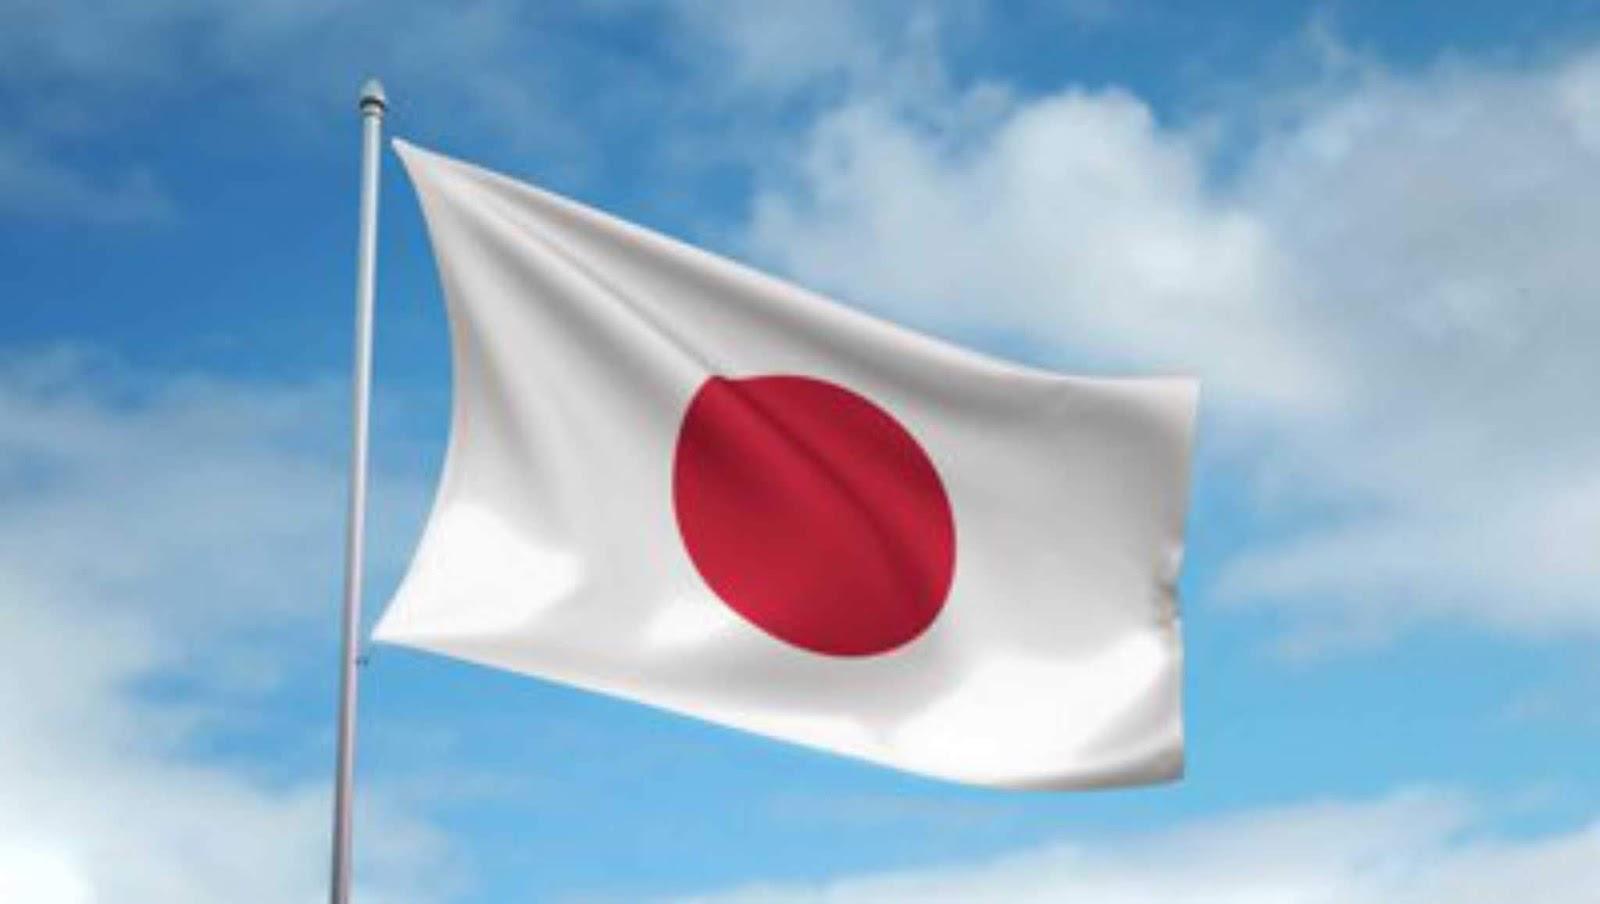 Jepang mengadopsi program baru untuk memperkuat pertahanan